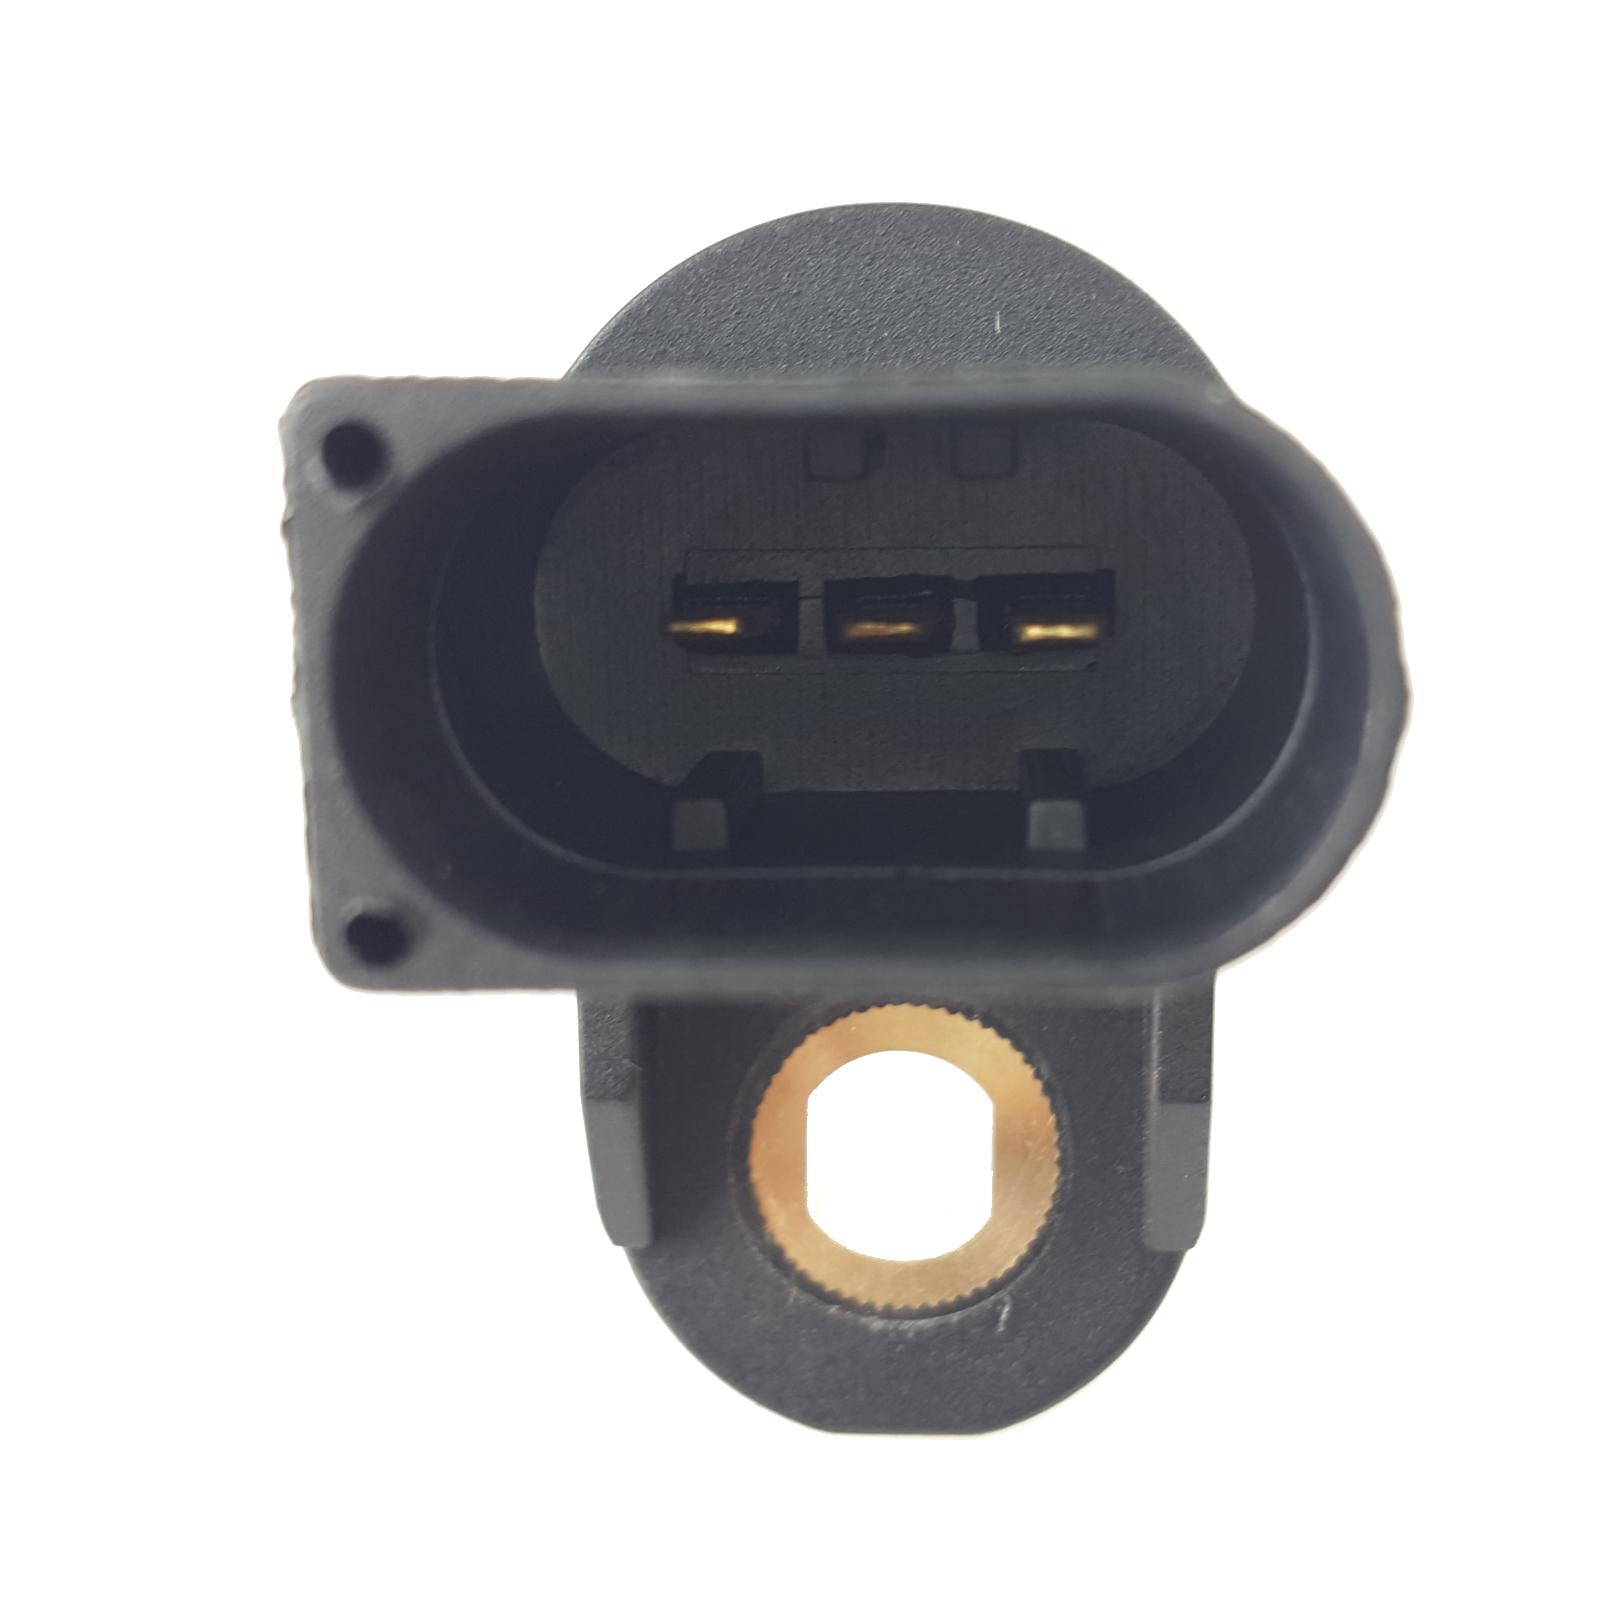 Cam Position Sensor For BMW E39 E46 E53 E60 E85 E90